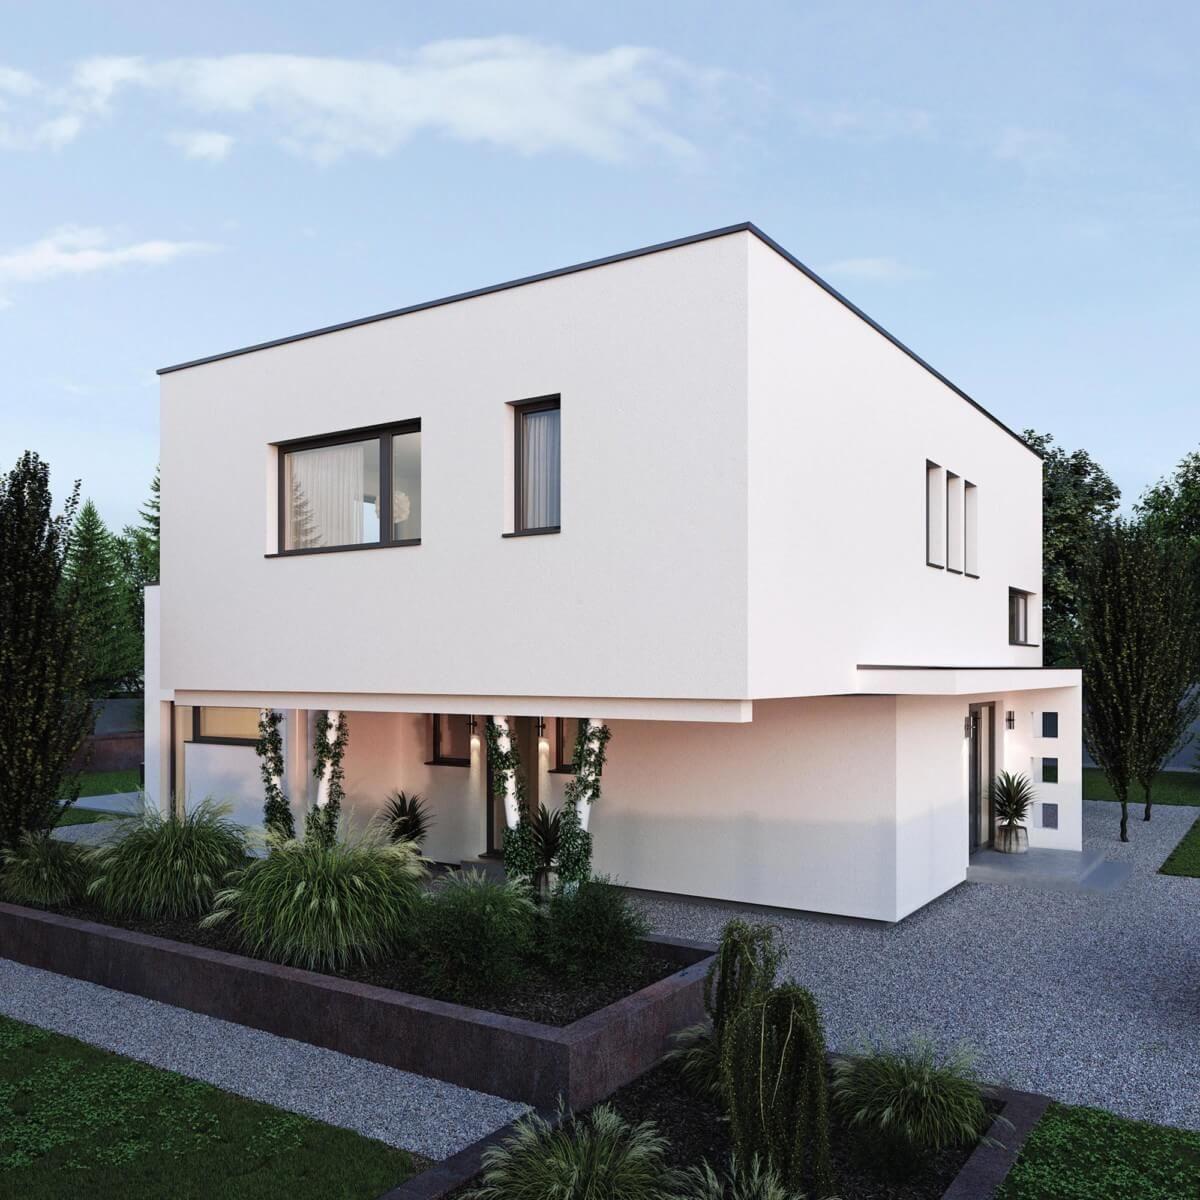 Stadtvilla Modern Im Bauhausstil Mit Flachdach Architektur Carport